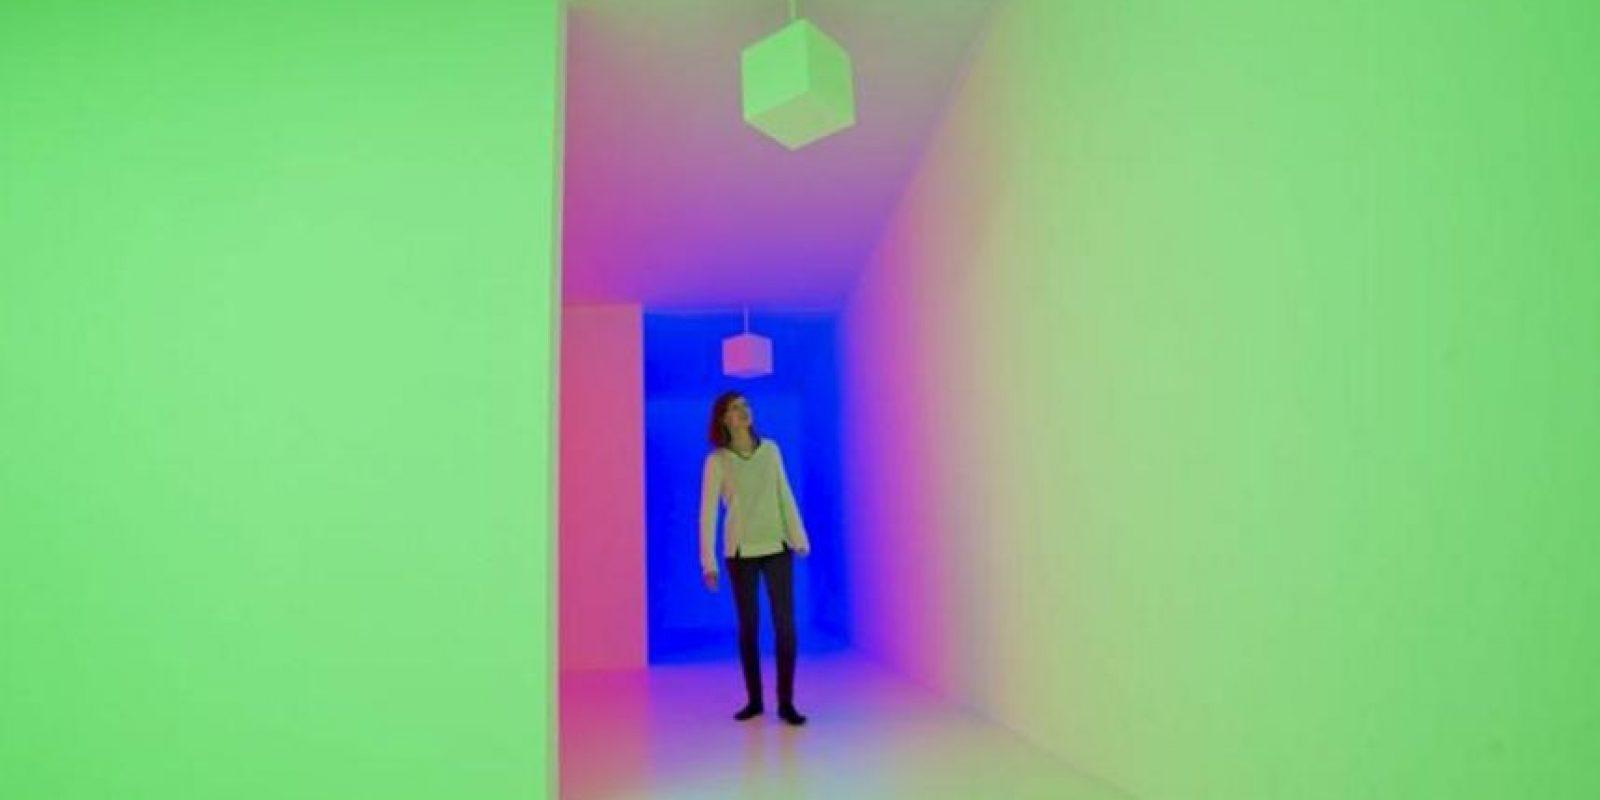 """Una empleada de la galería posa para los fotógrafos en la obra """"Chromosaturation"""" (1965-2008), del artista Carlos Cruz Diezl, en la galería Hayward de Londres (Reino Unido) durante la presentación hoy, martes 29 de enero de 2013 de la exposición """"Light Show"""". EFE"""